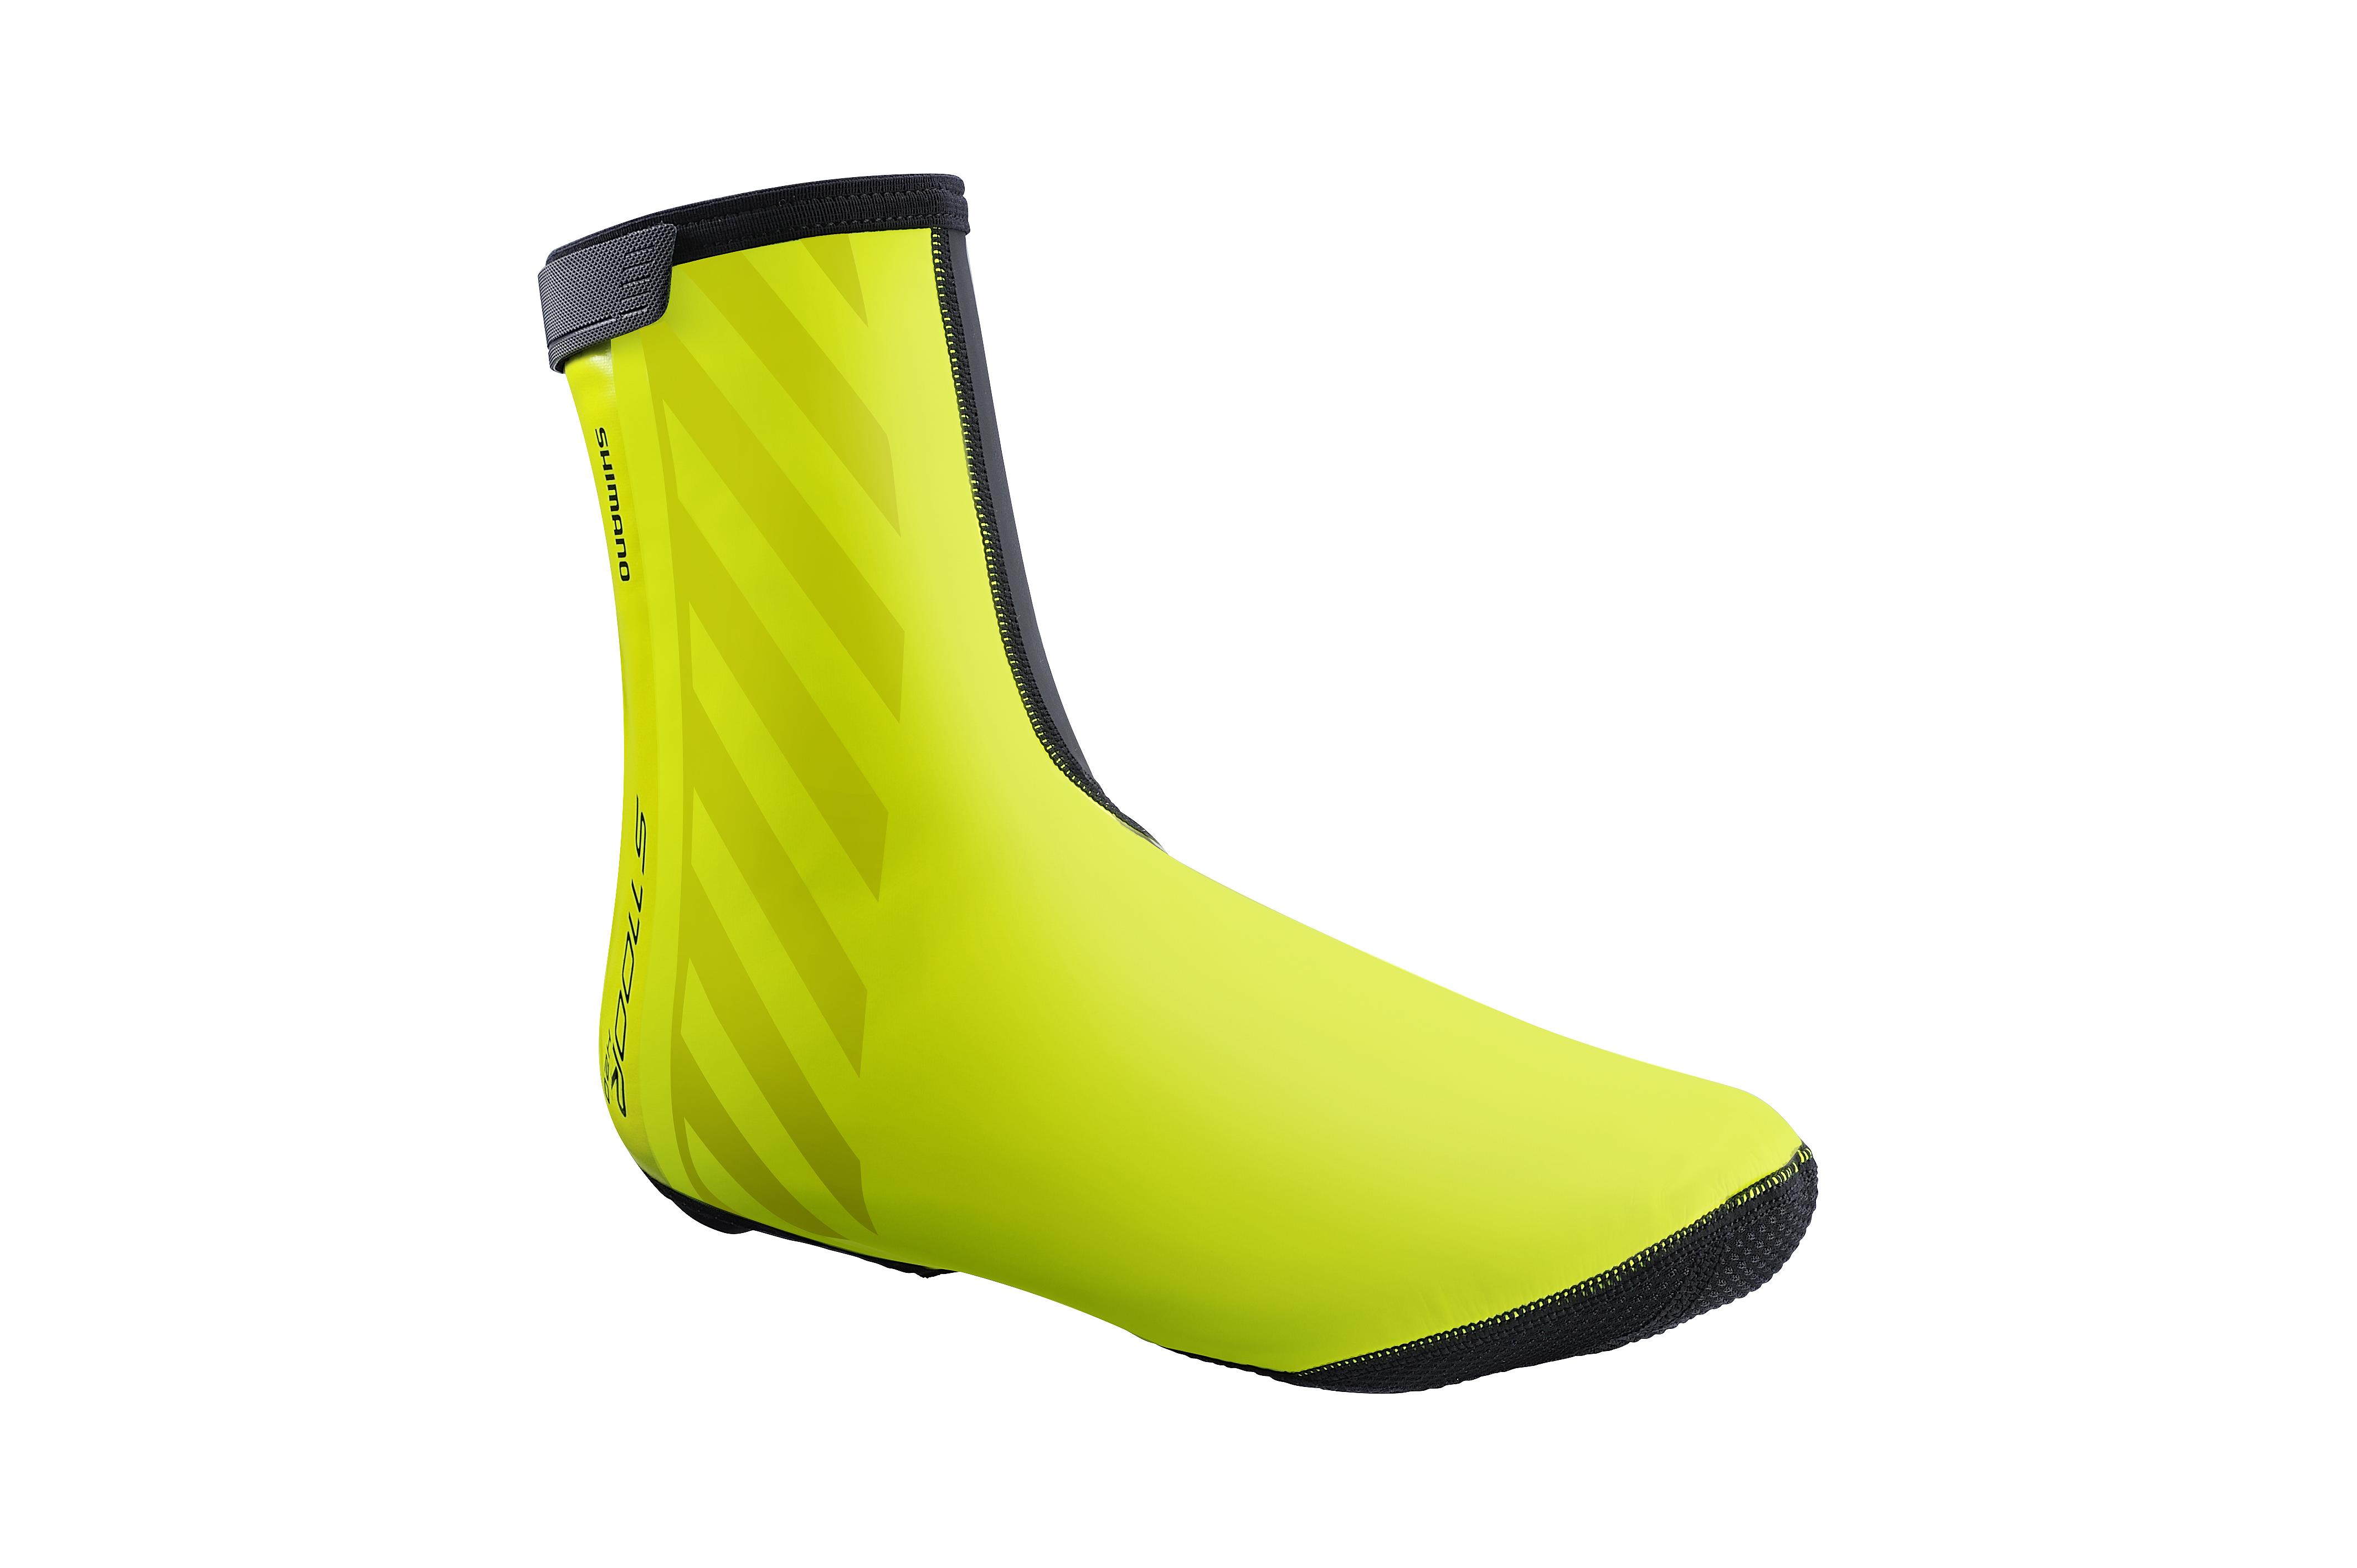 SHIMANO S1100R H2O návleky na obuv, Neon žlutá, S